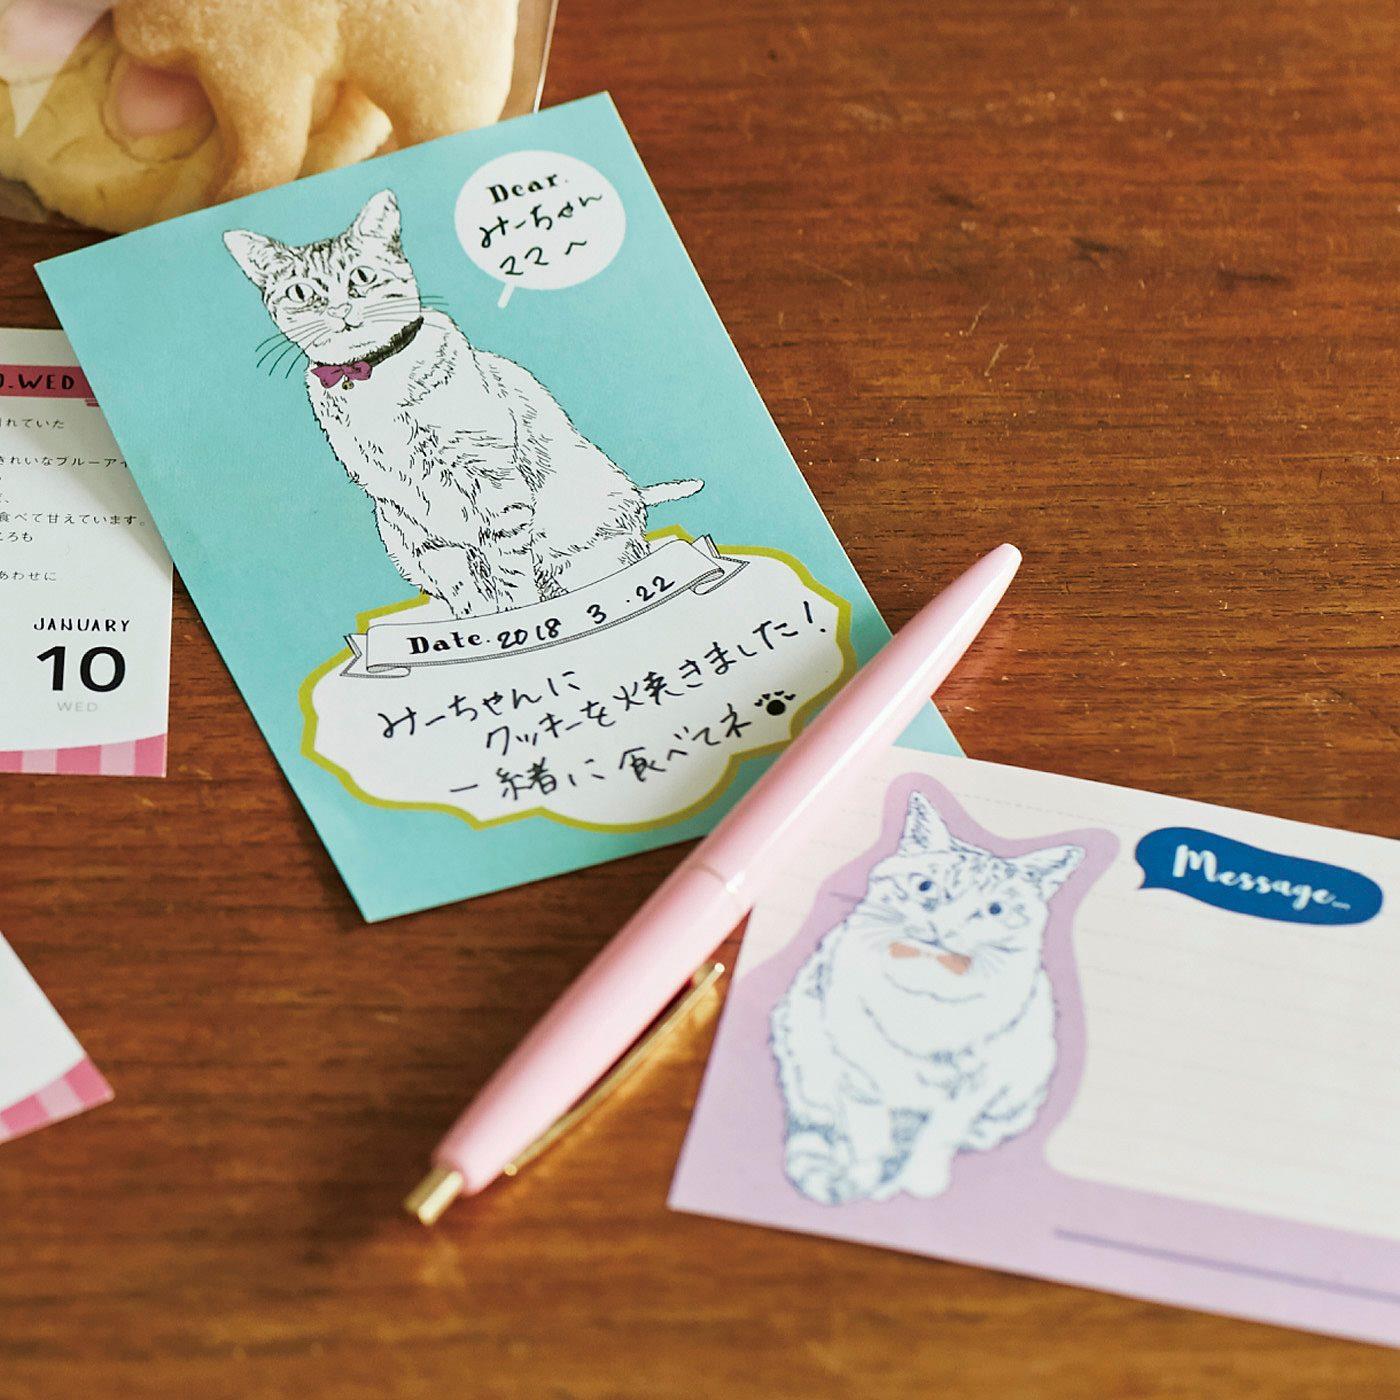 メッセージカード2枚付き。